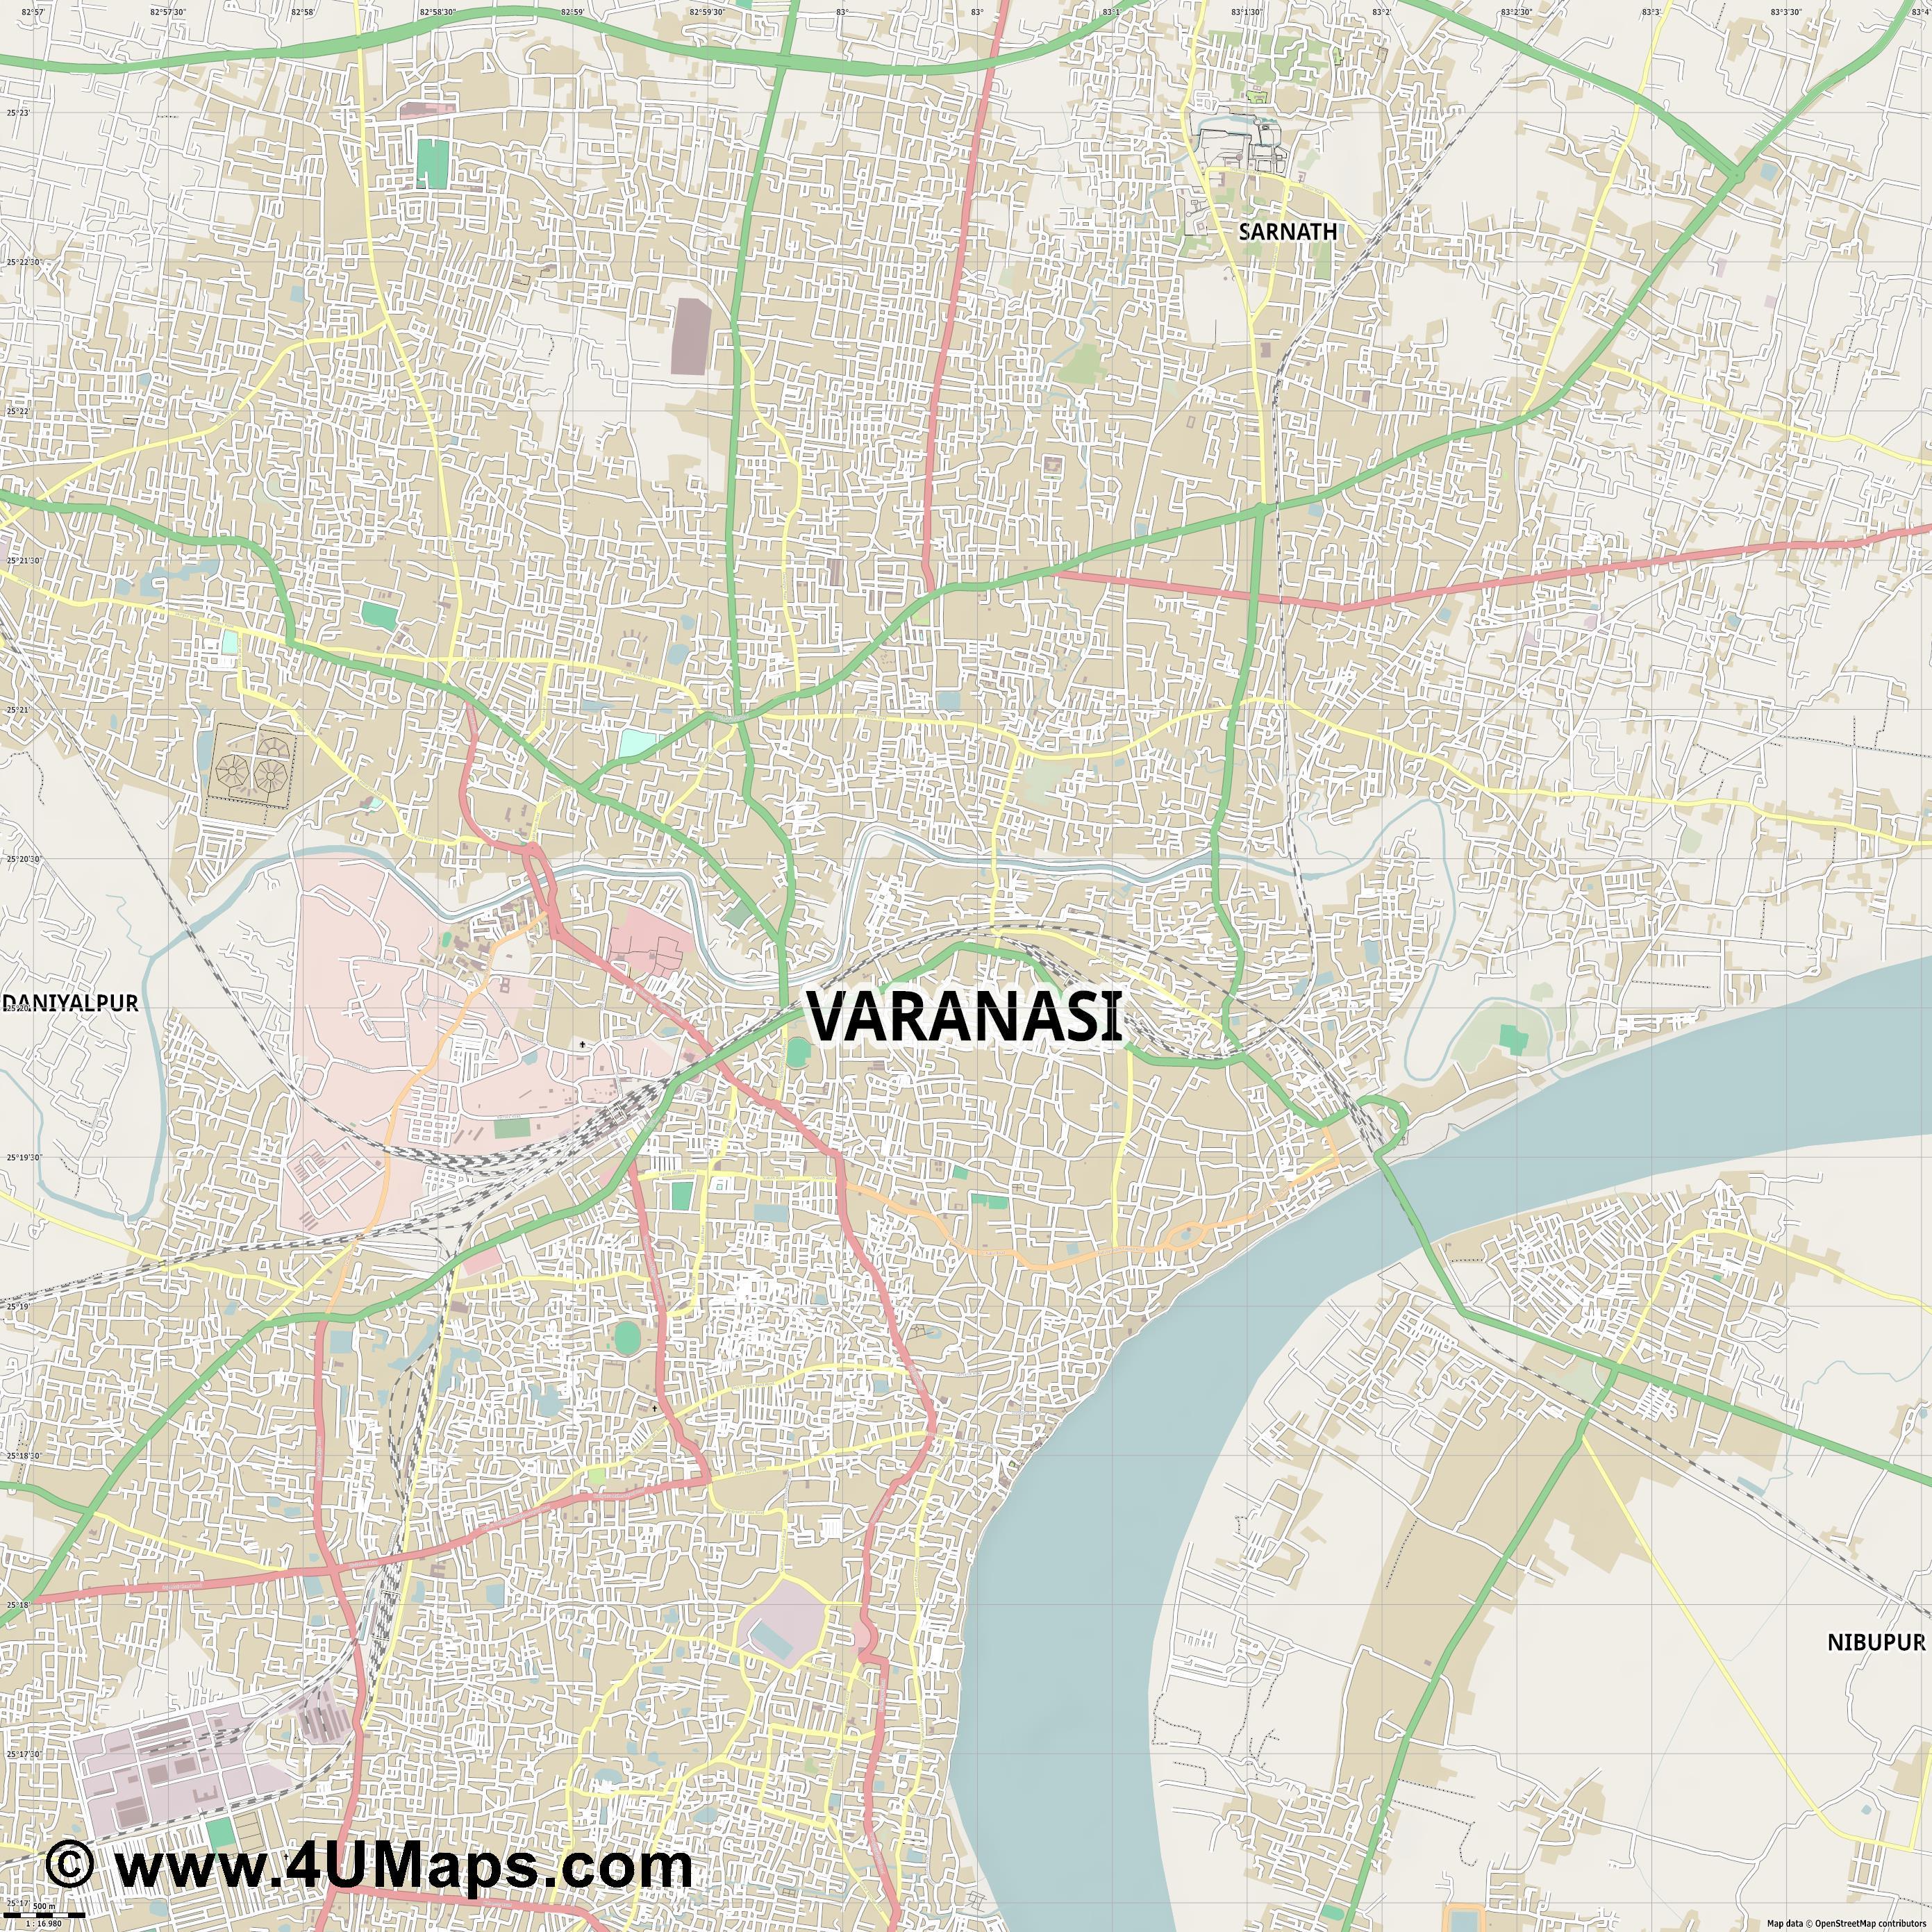 Svg Scalable Vector City Map Varanasi - Varanasi map